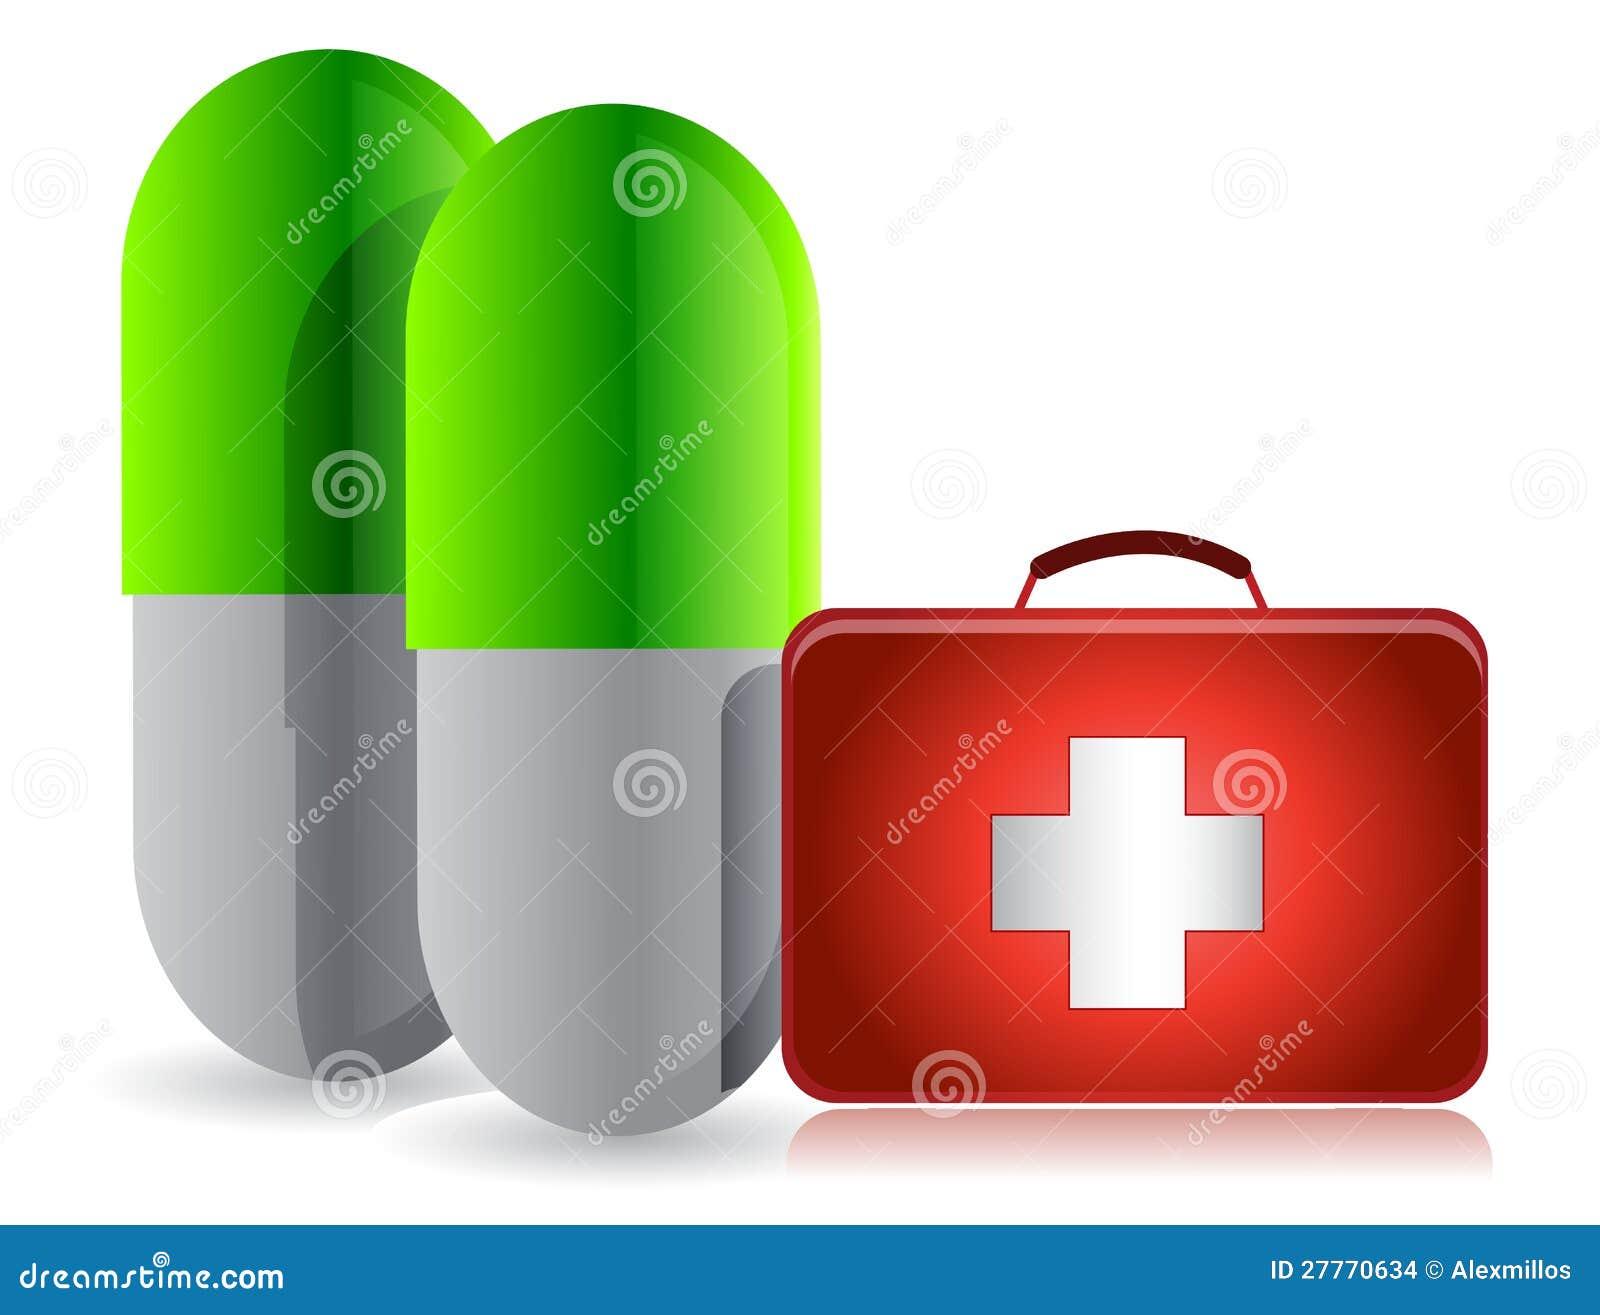 Pilules et trousse médicale